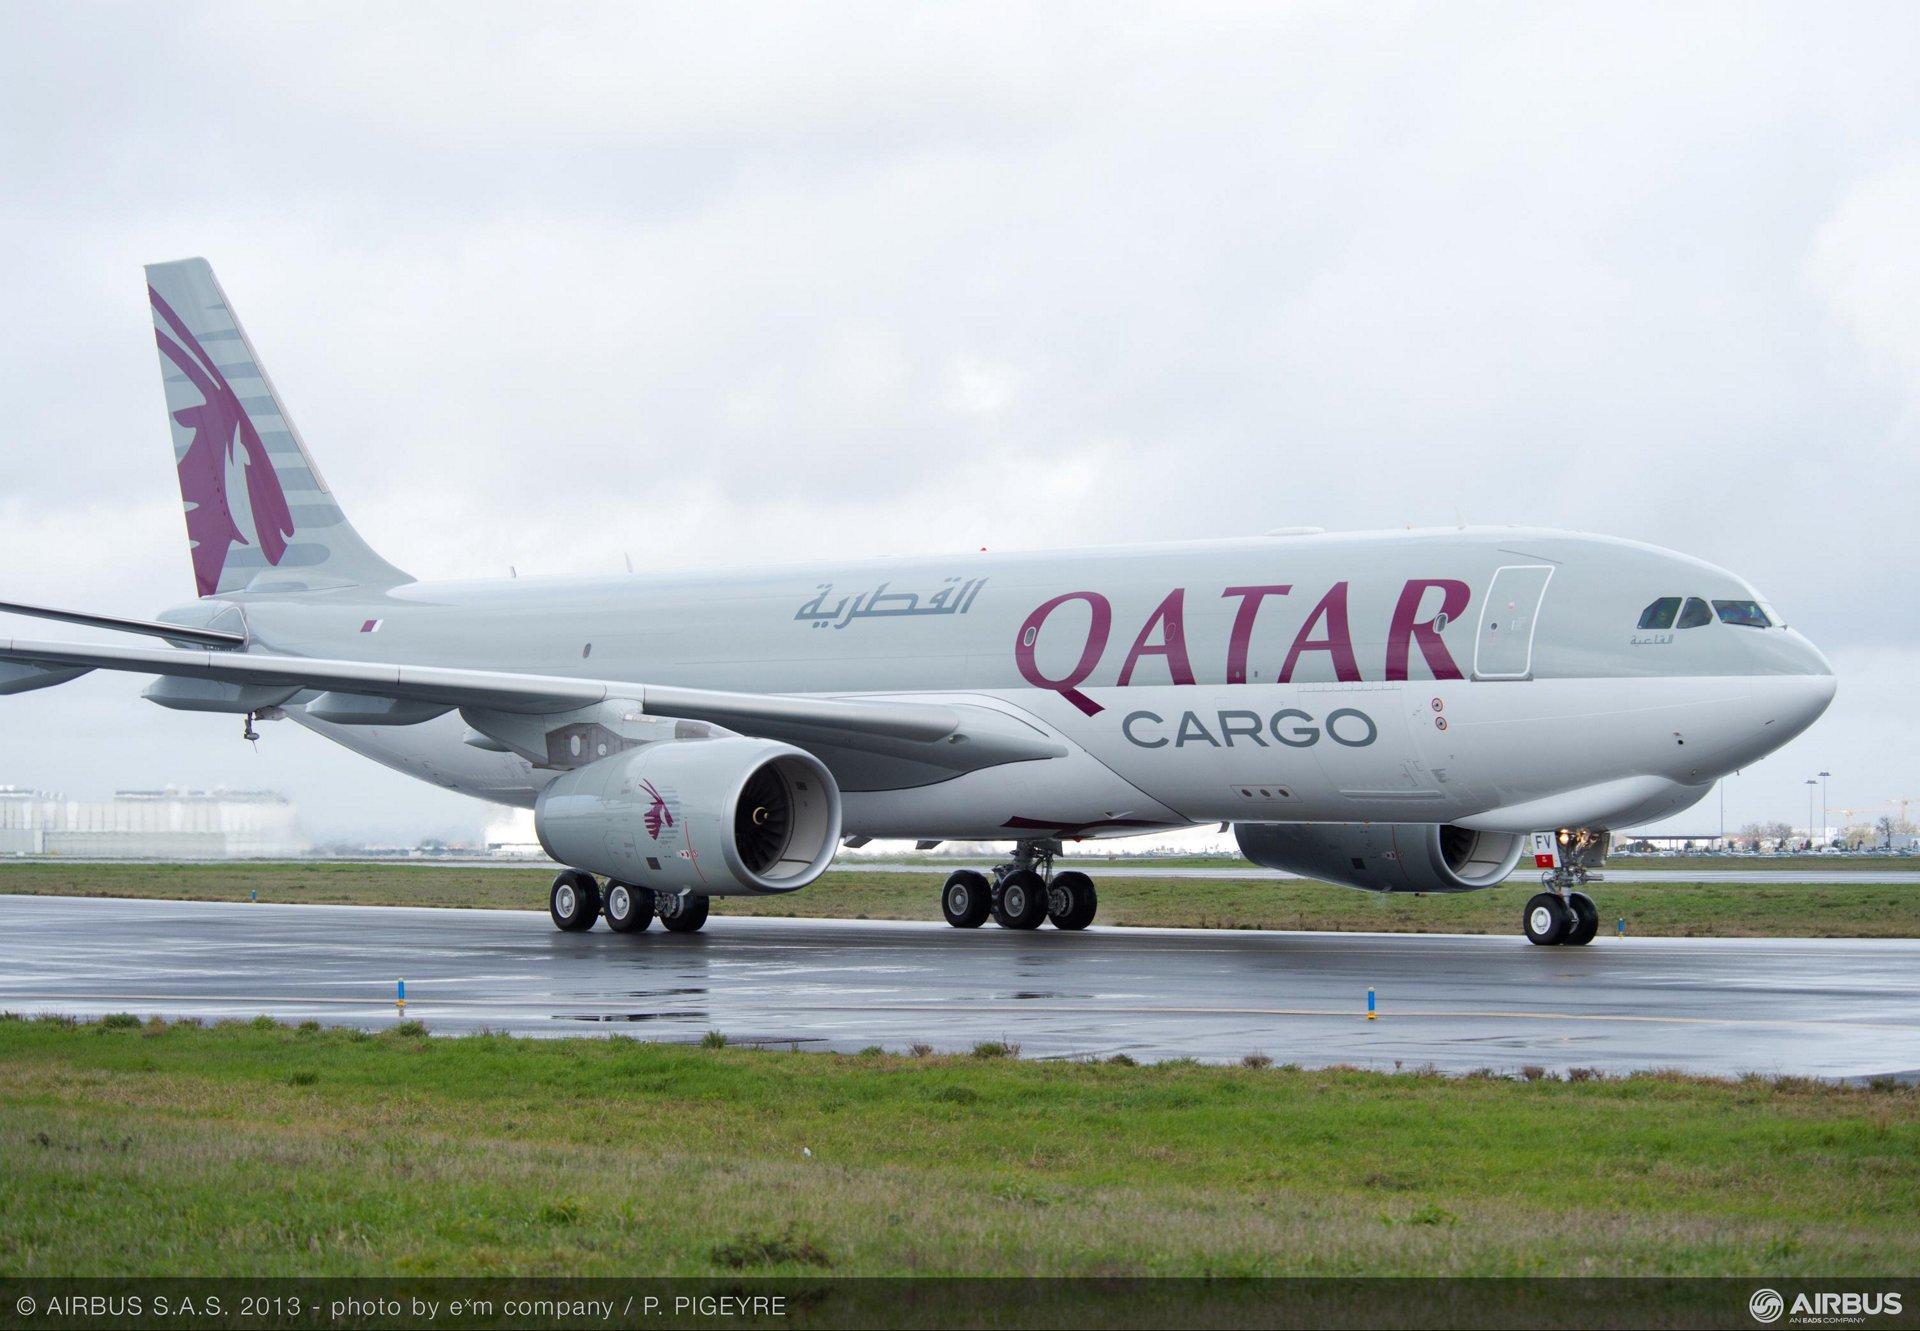 Qatar A330-200F cargo aircraft